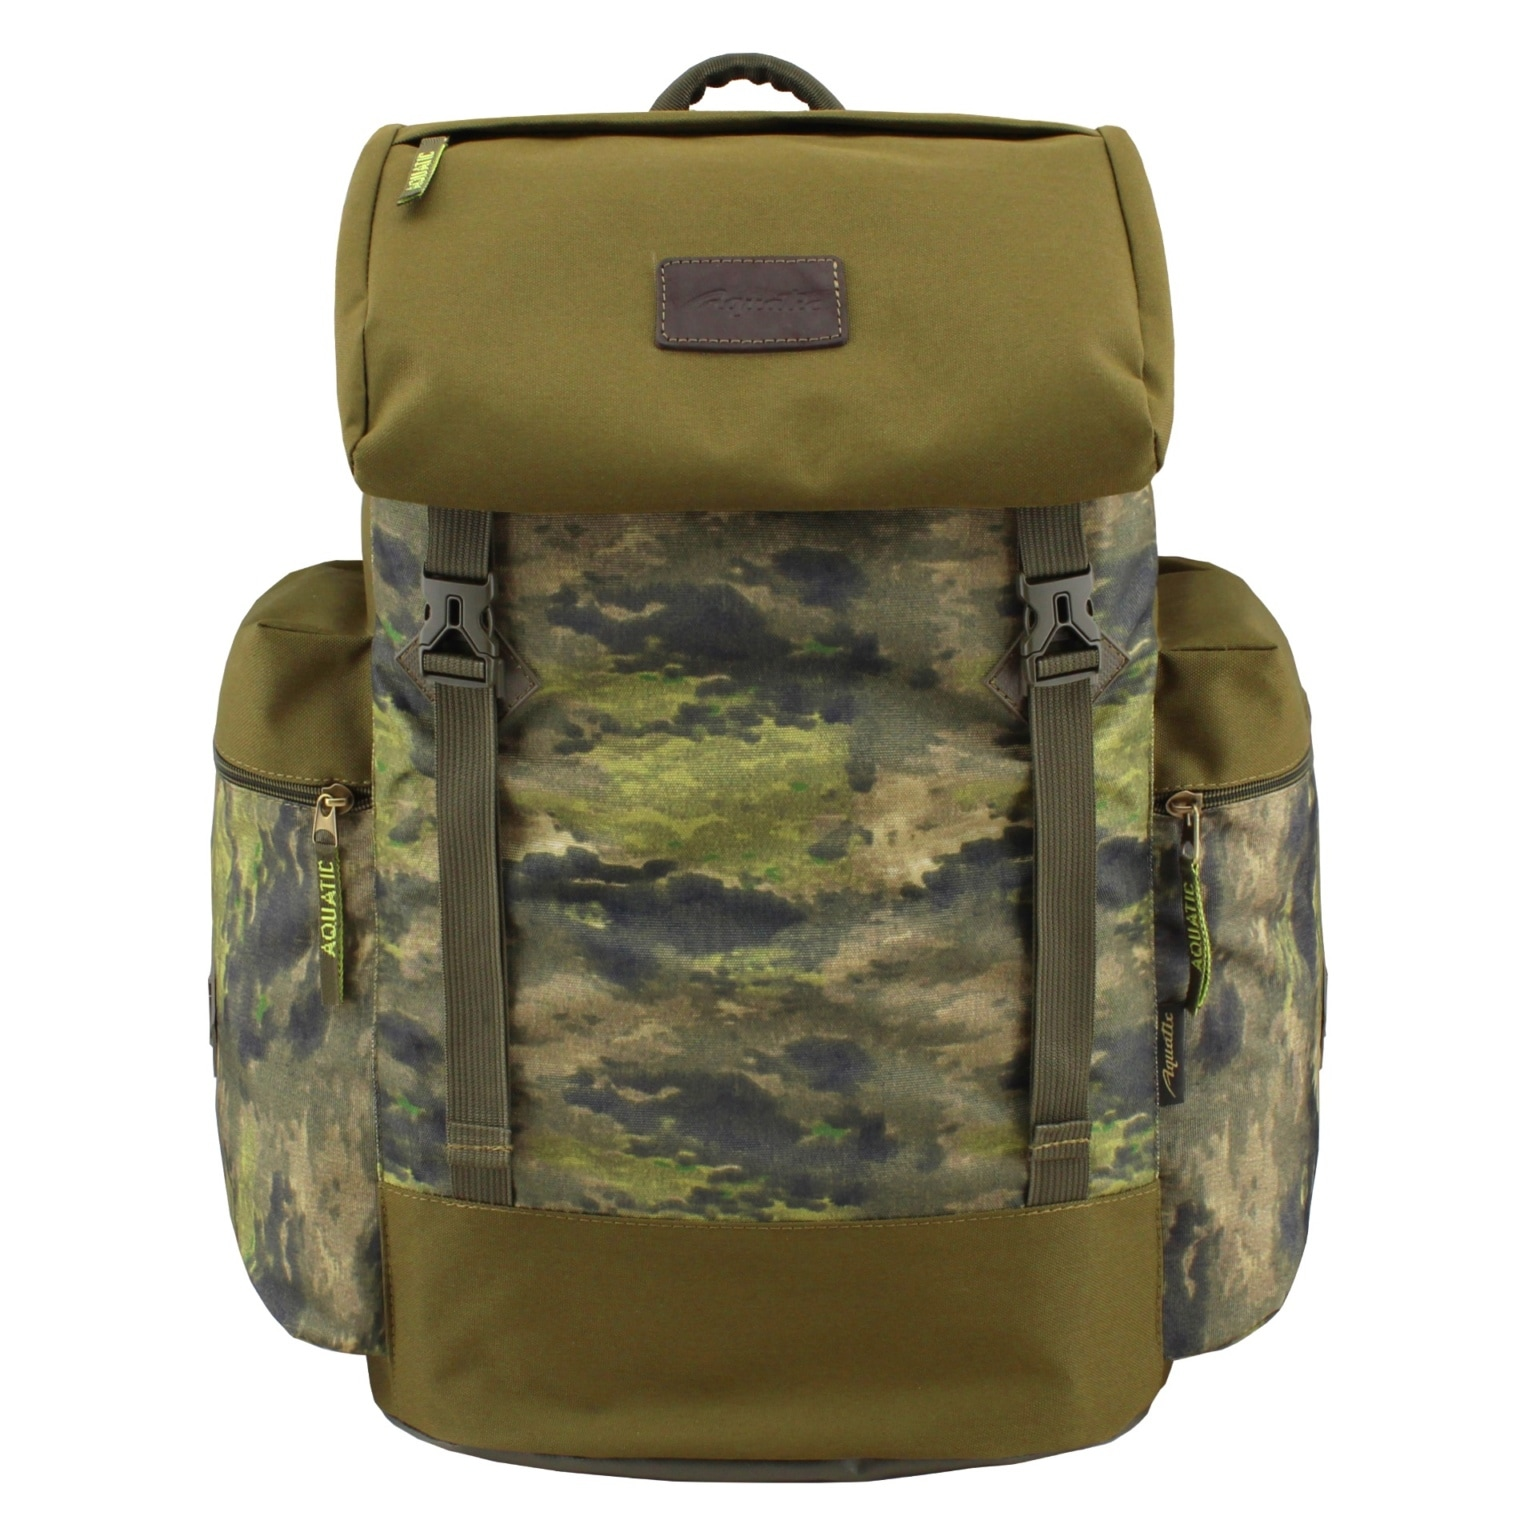 Рюкзак Aquatic РД-04 рыболовный